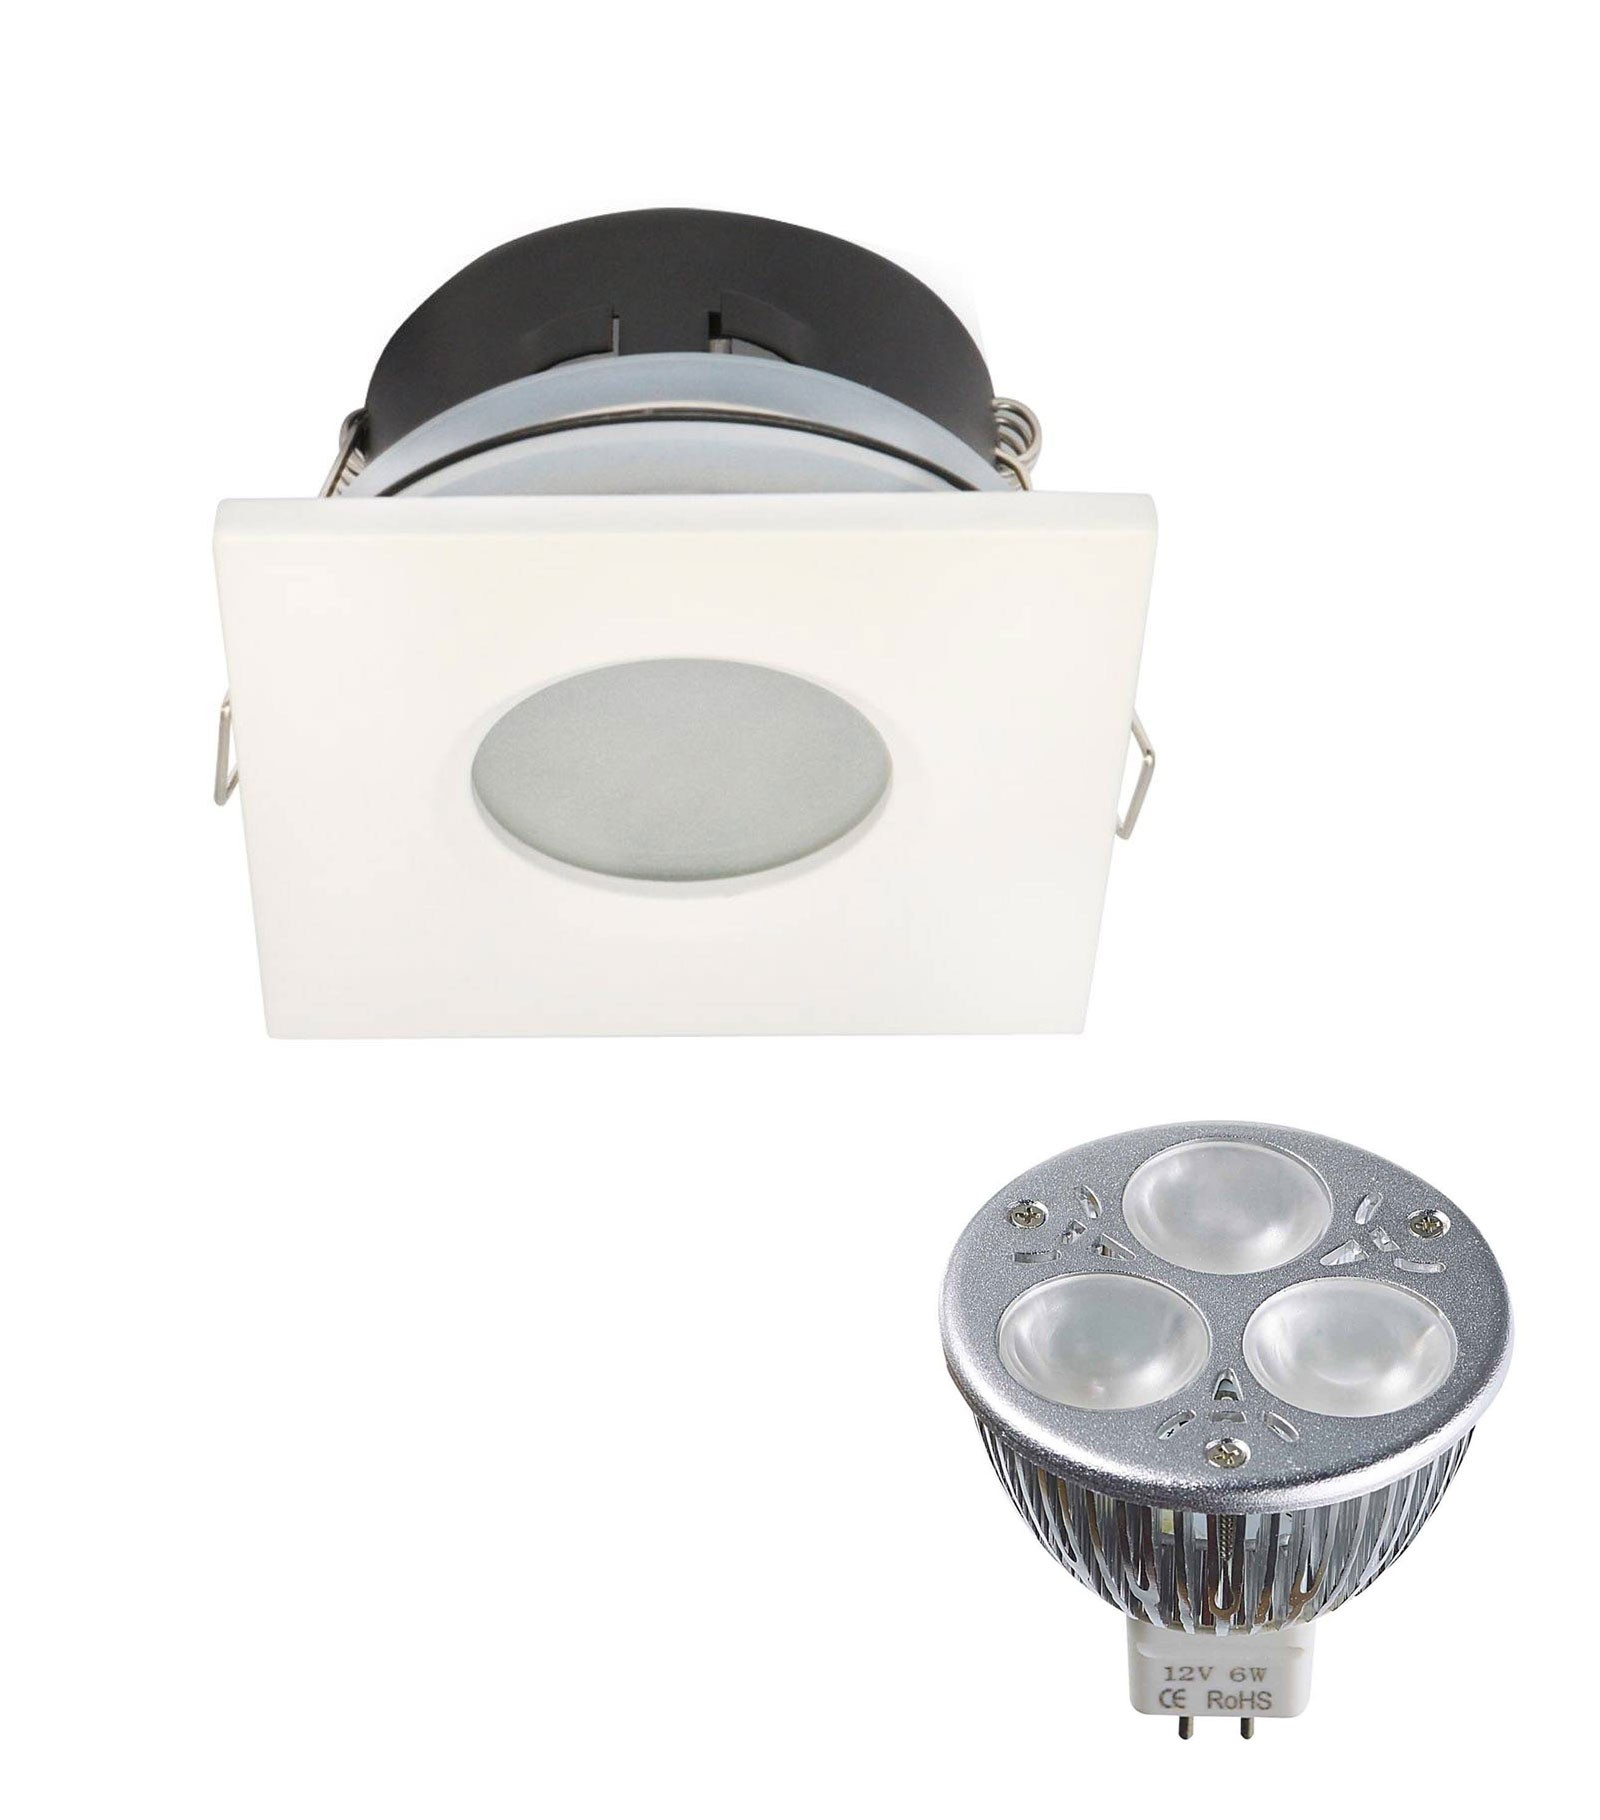 pack spot encastrable salle de bain blanc carr gu5 3 mr16 ip44 6w blanc neutre ampoule fournie. Black Bedroom Furniture Sets. Home Design Ideas